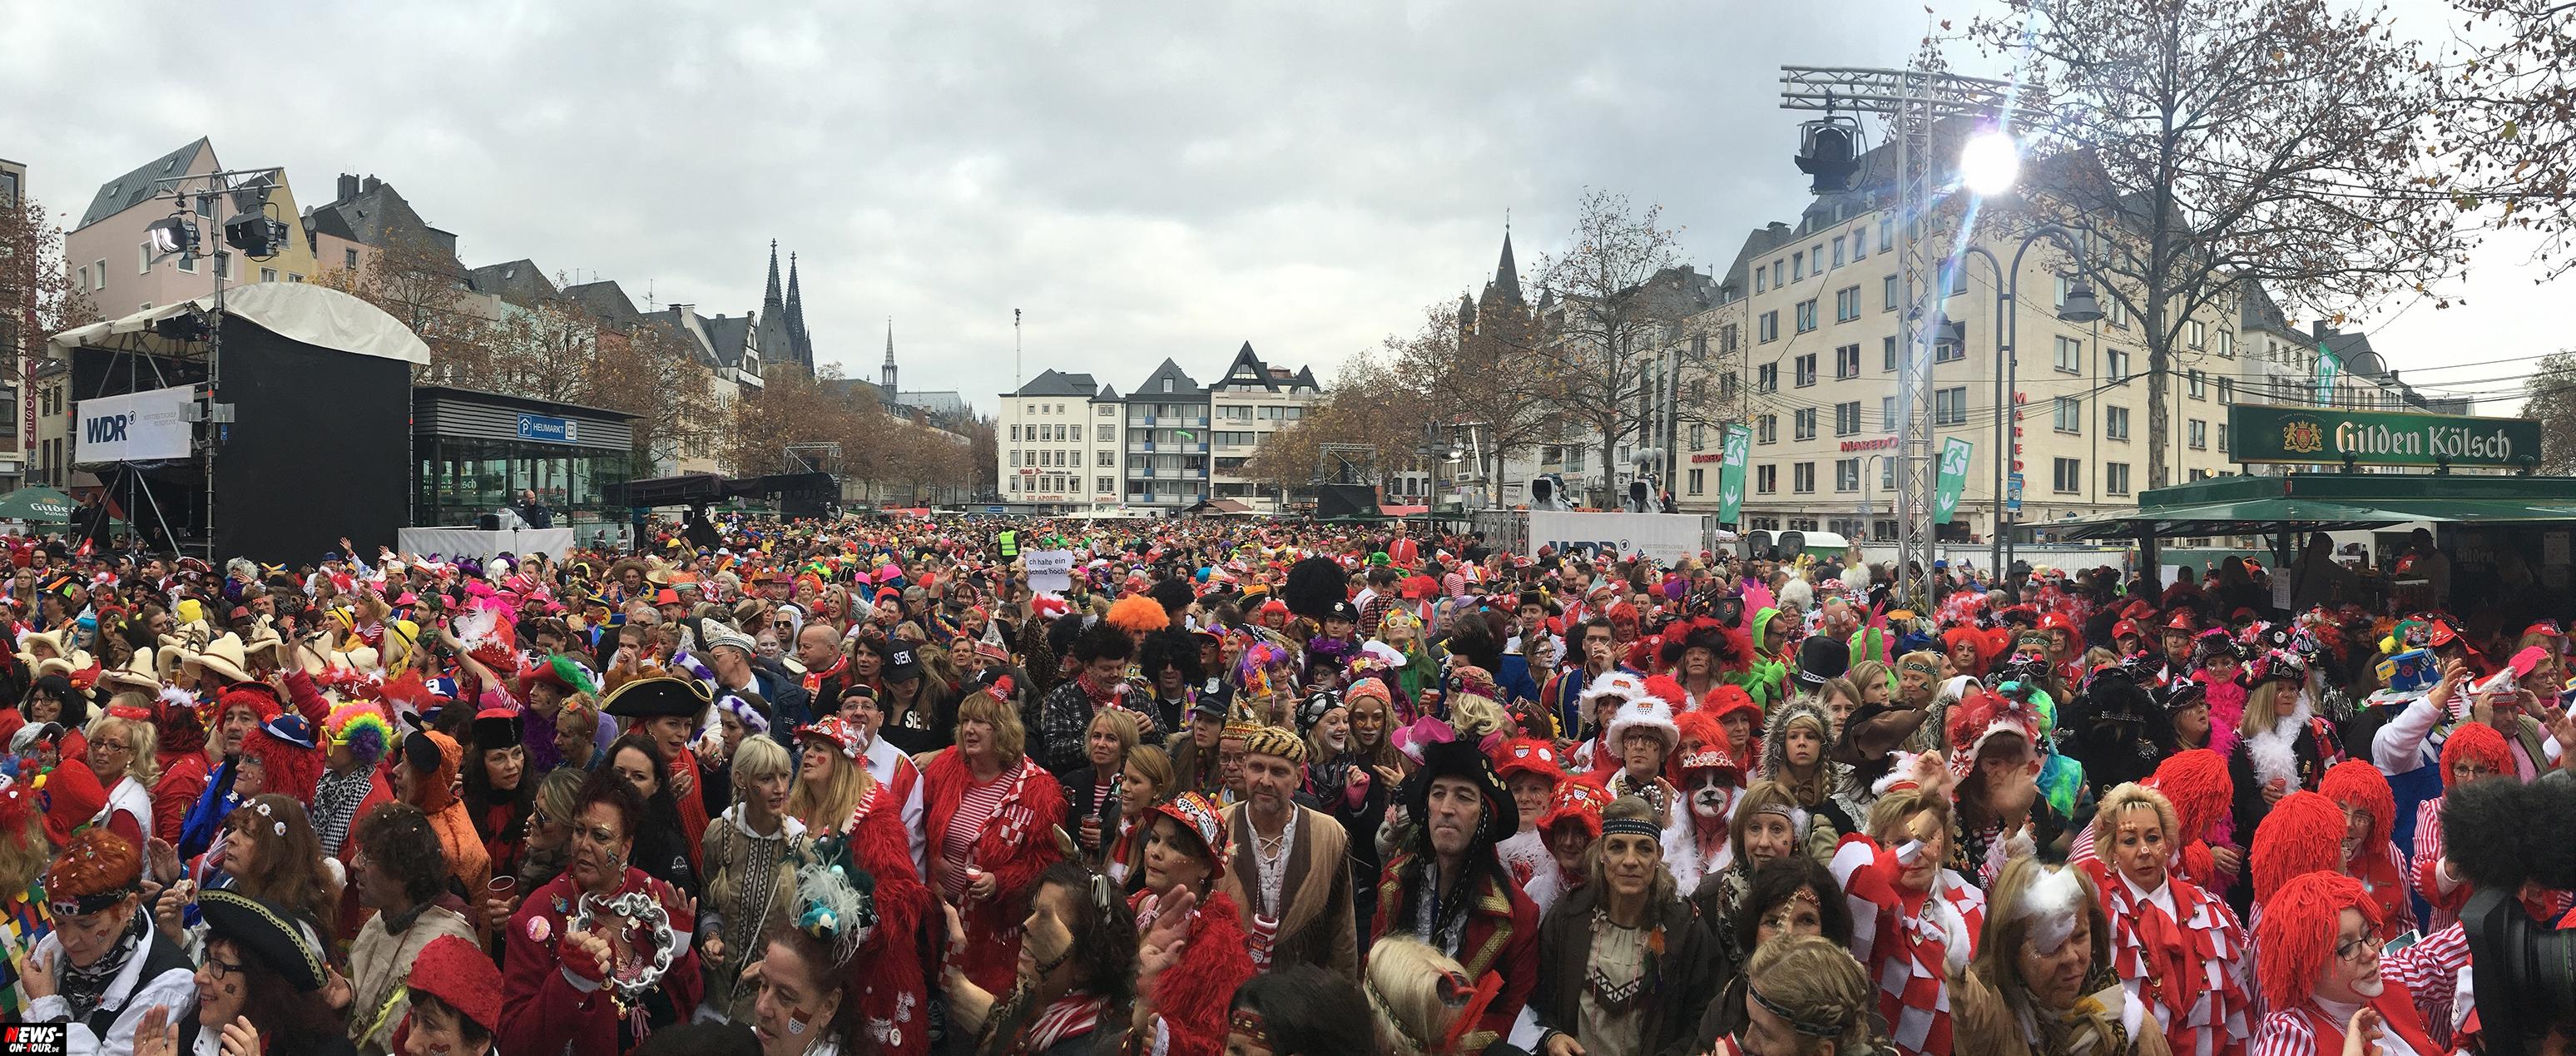 Heumarkt Köln Karneval